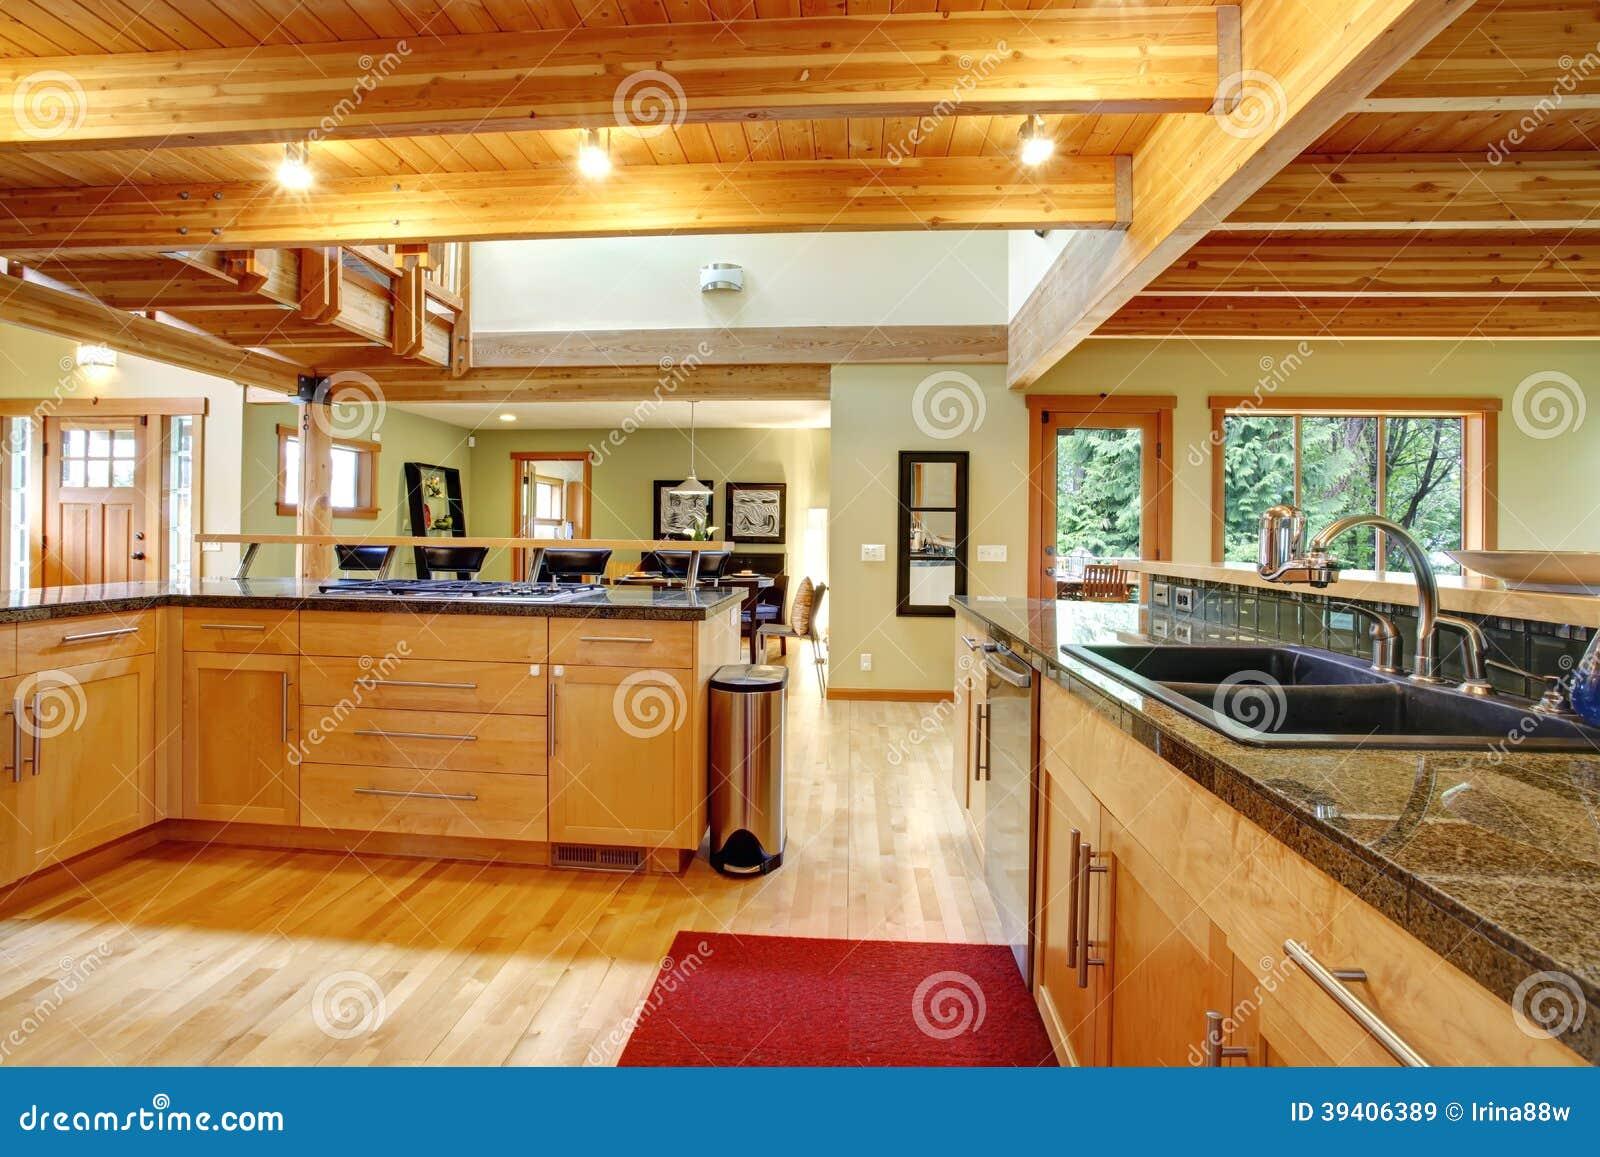 #BB8210 Vista de armários de cozinha de feixes do teto e de assoalho de  1300x957 px Planos De Armários De Cozinha_993 Imagens